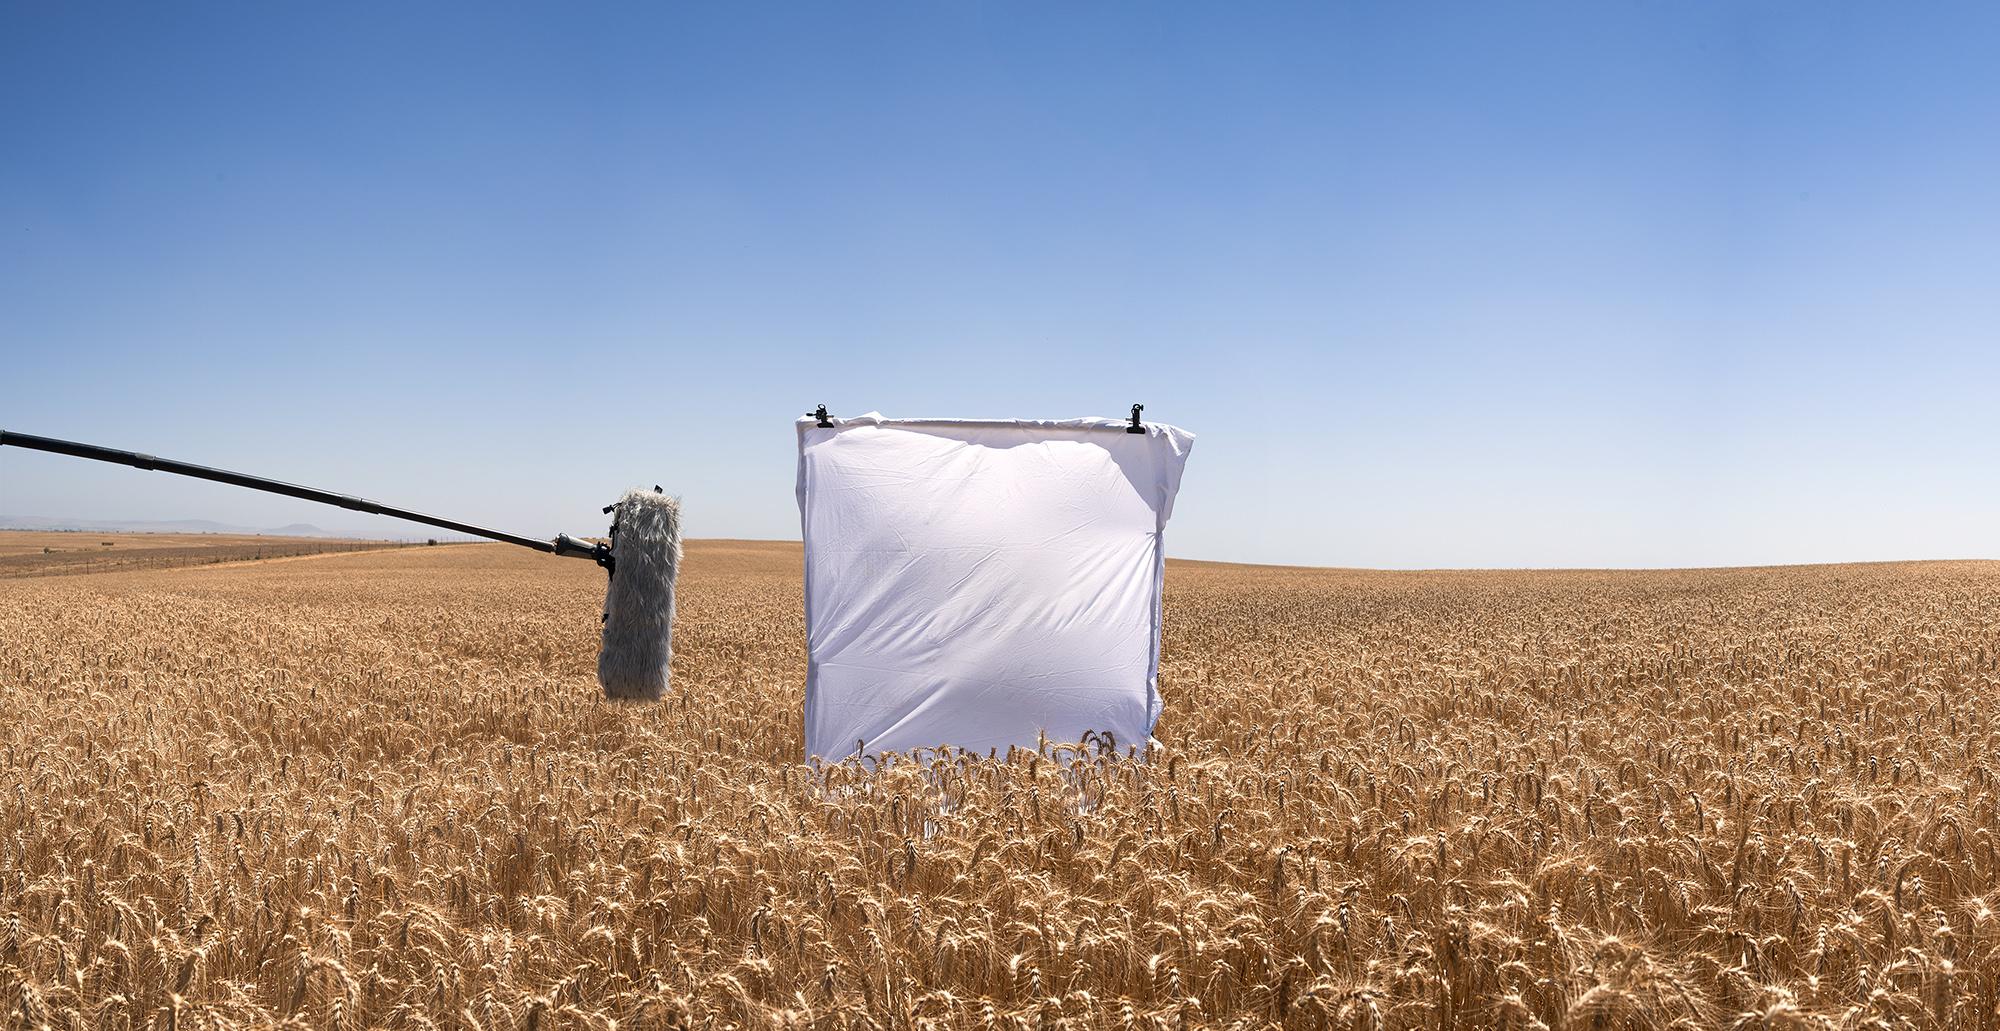 Wheat_Field_1.jpg